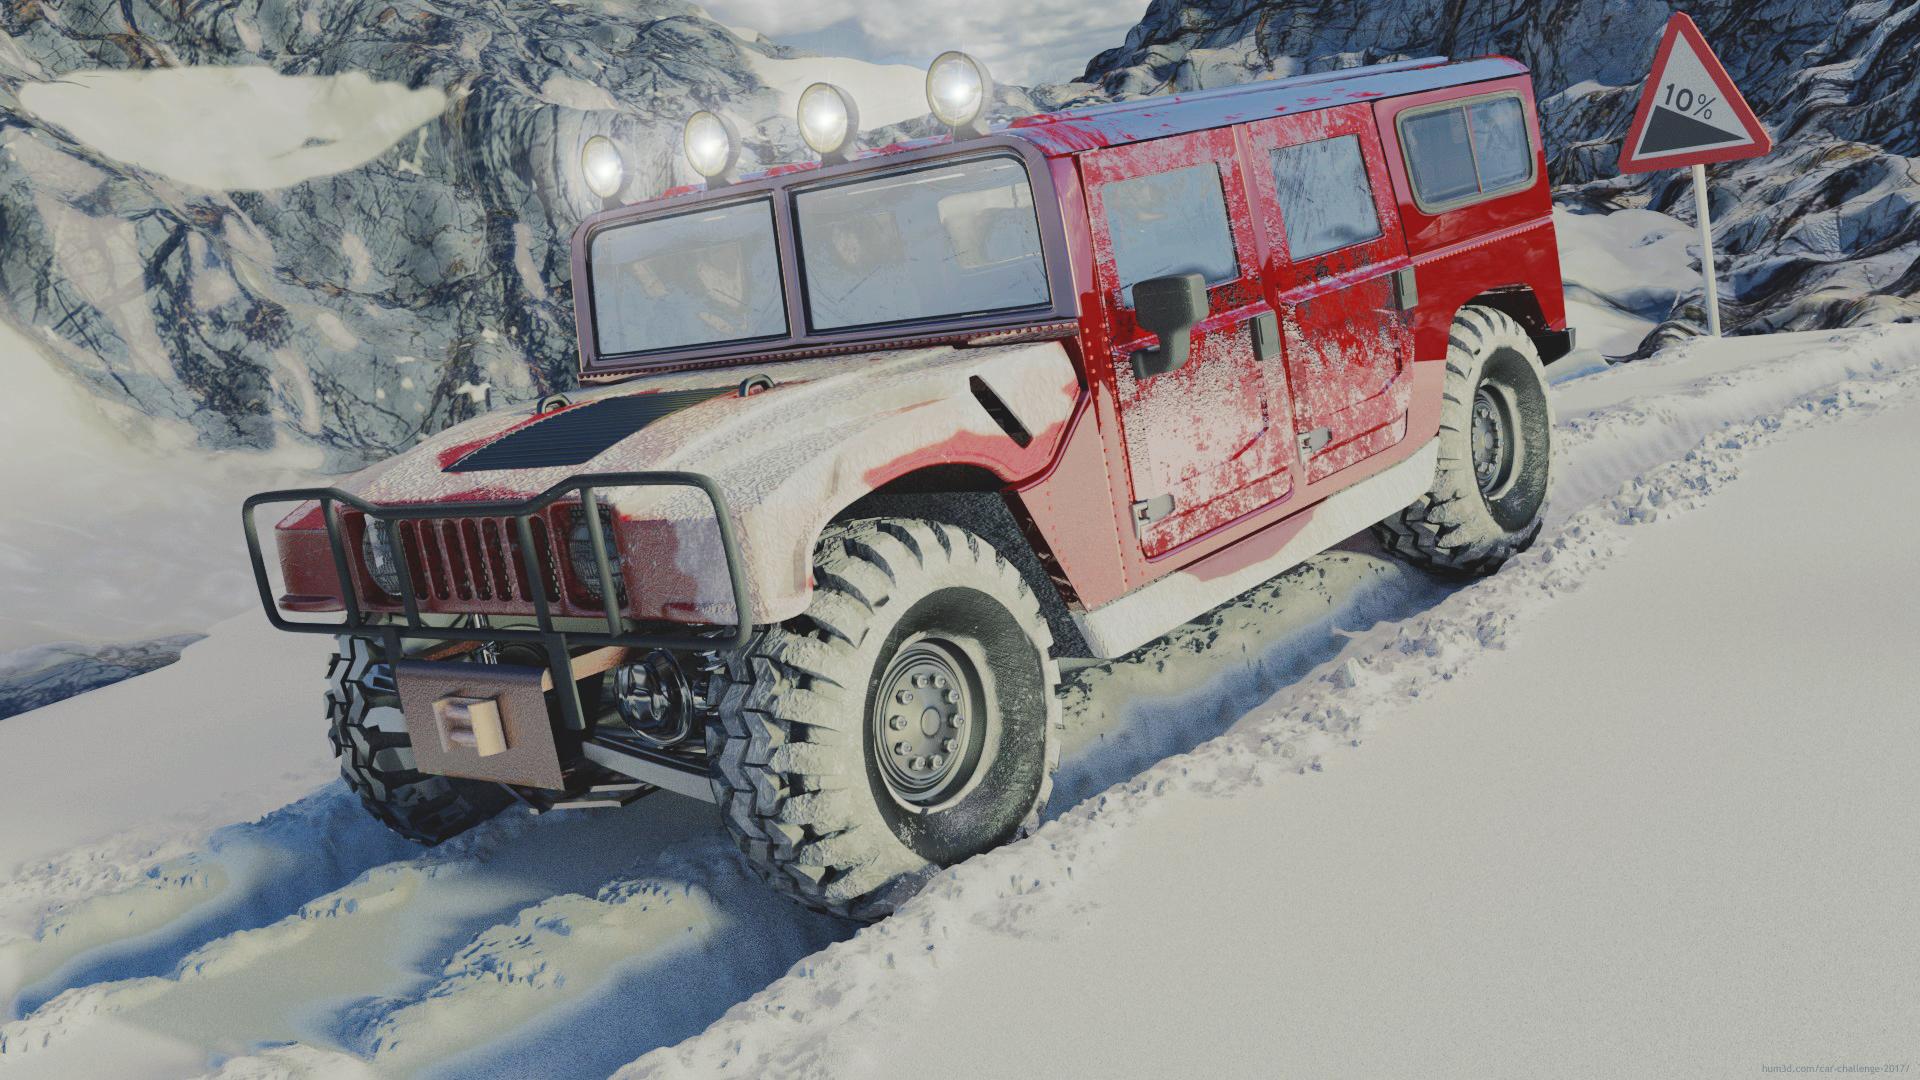 Snow and risky fun 3d art